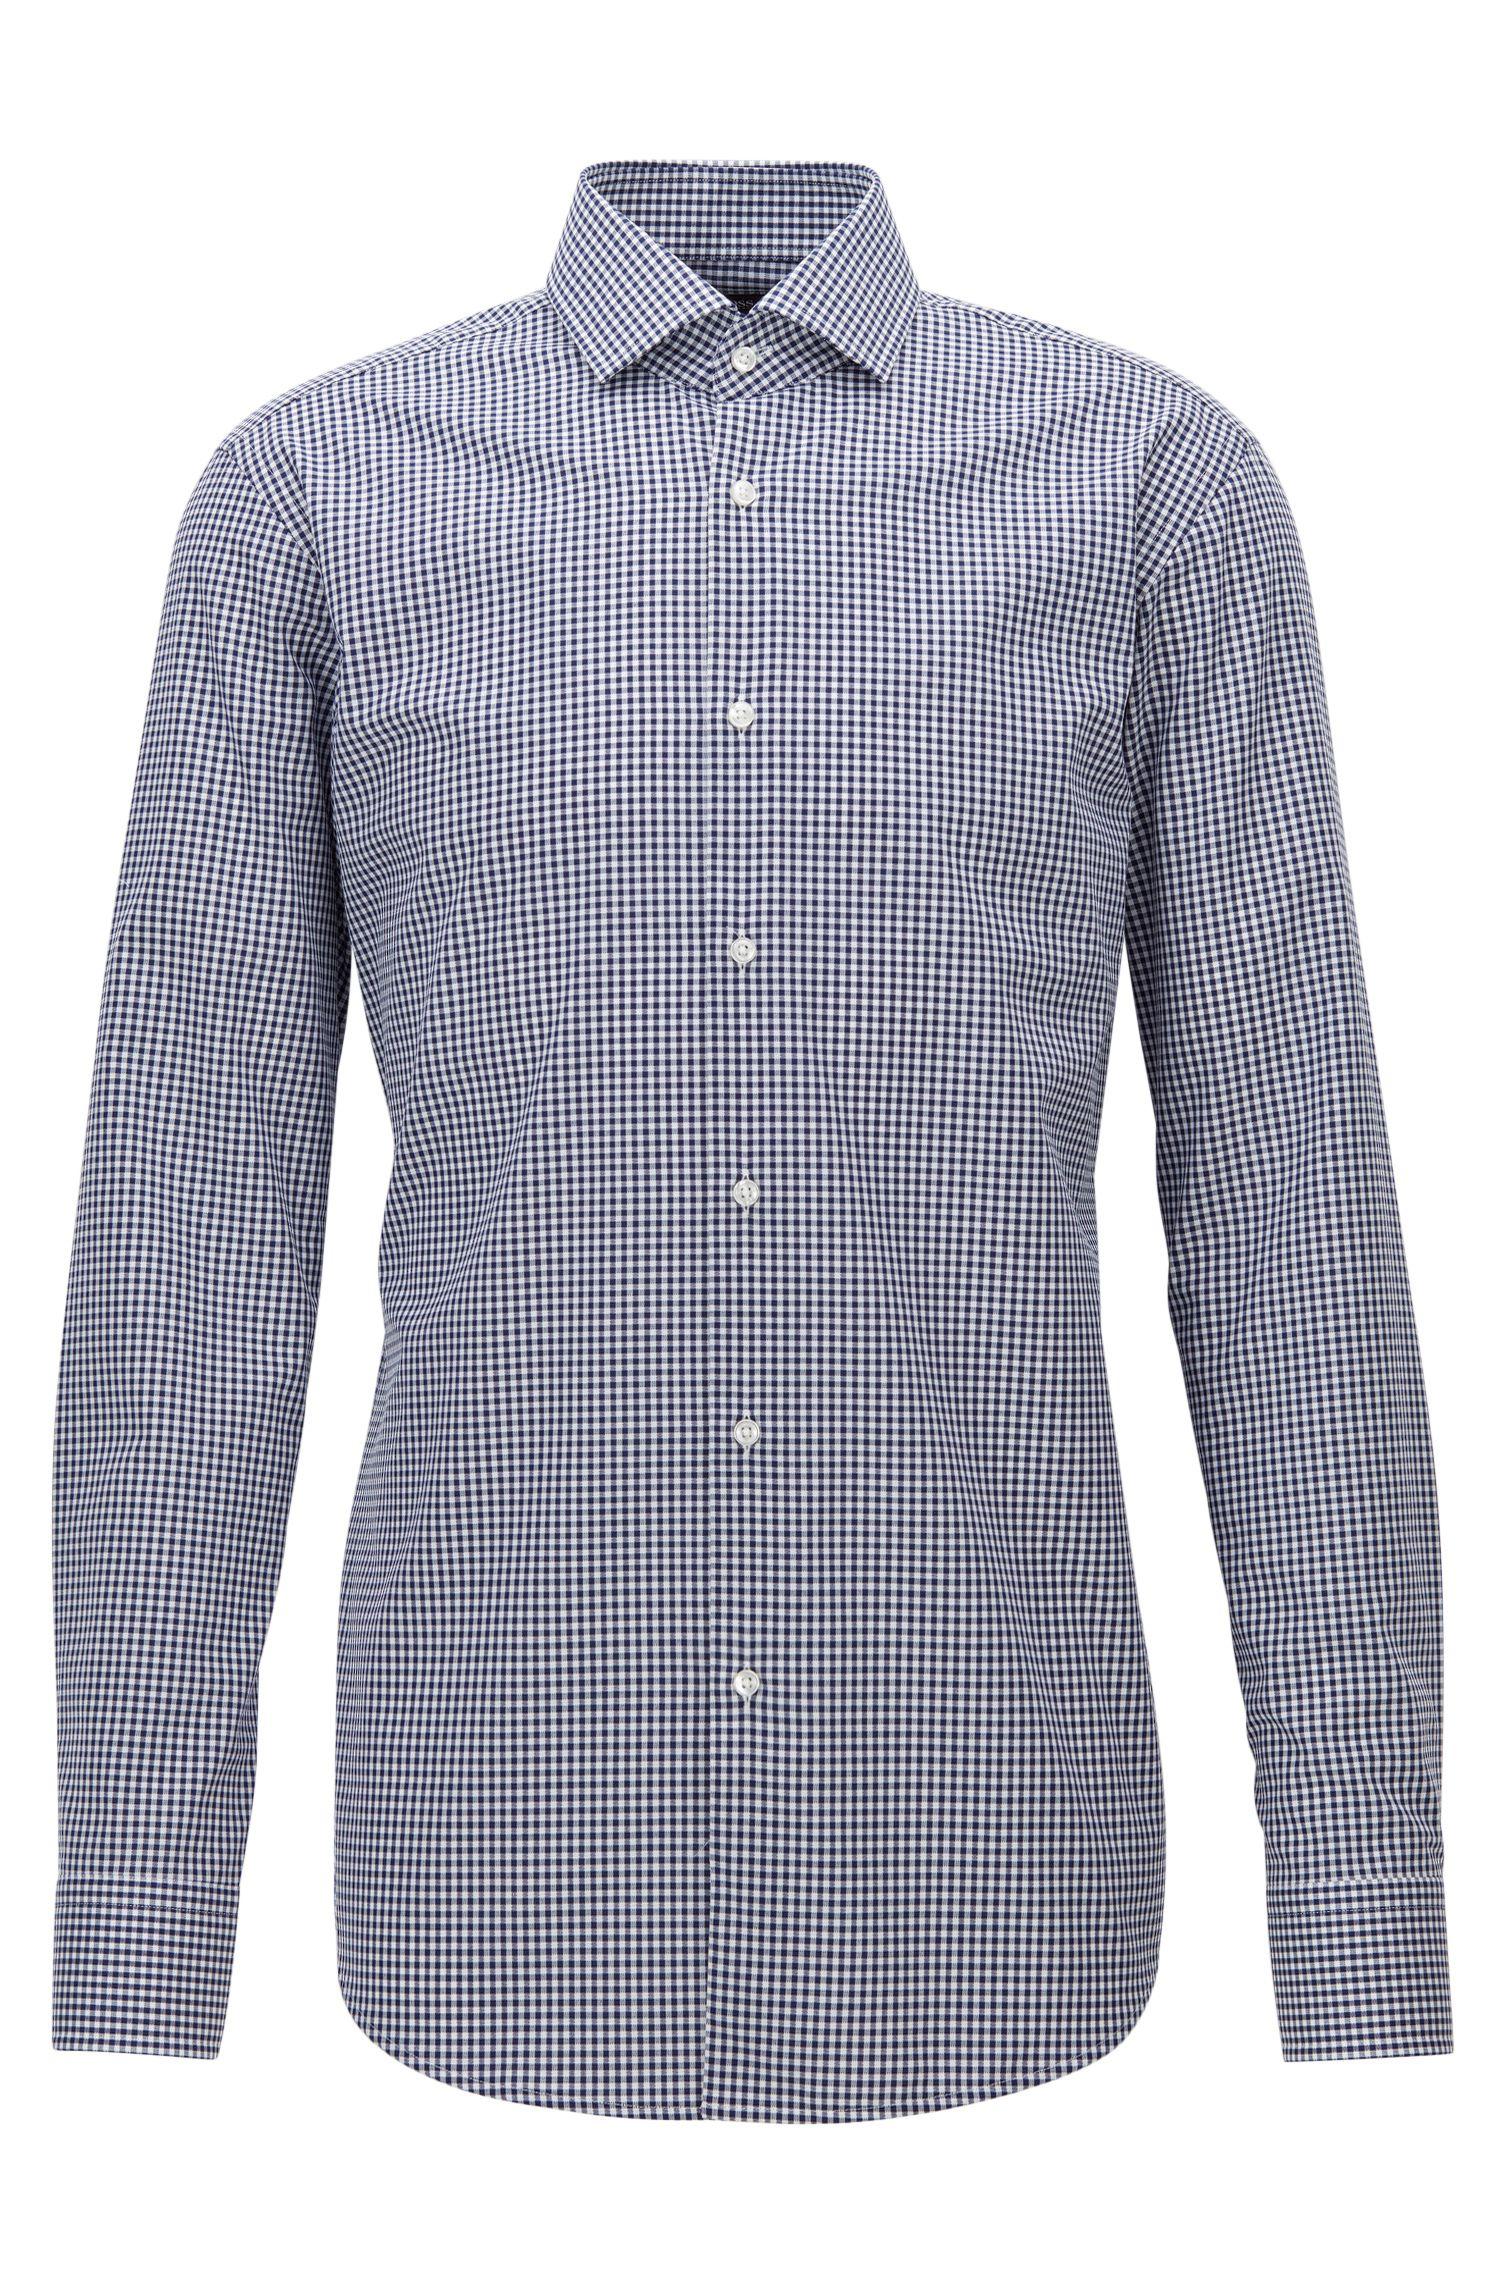 Gemakkelijk te strijken, regular-fit overhemd van katoen met vichyruiten